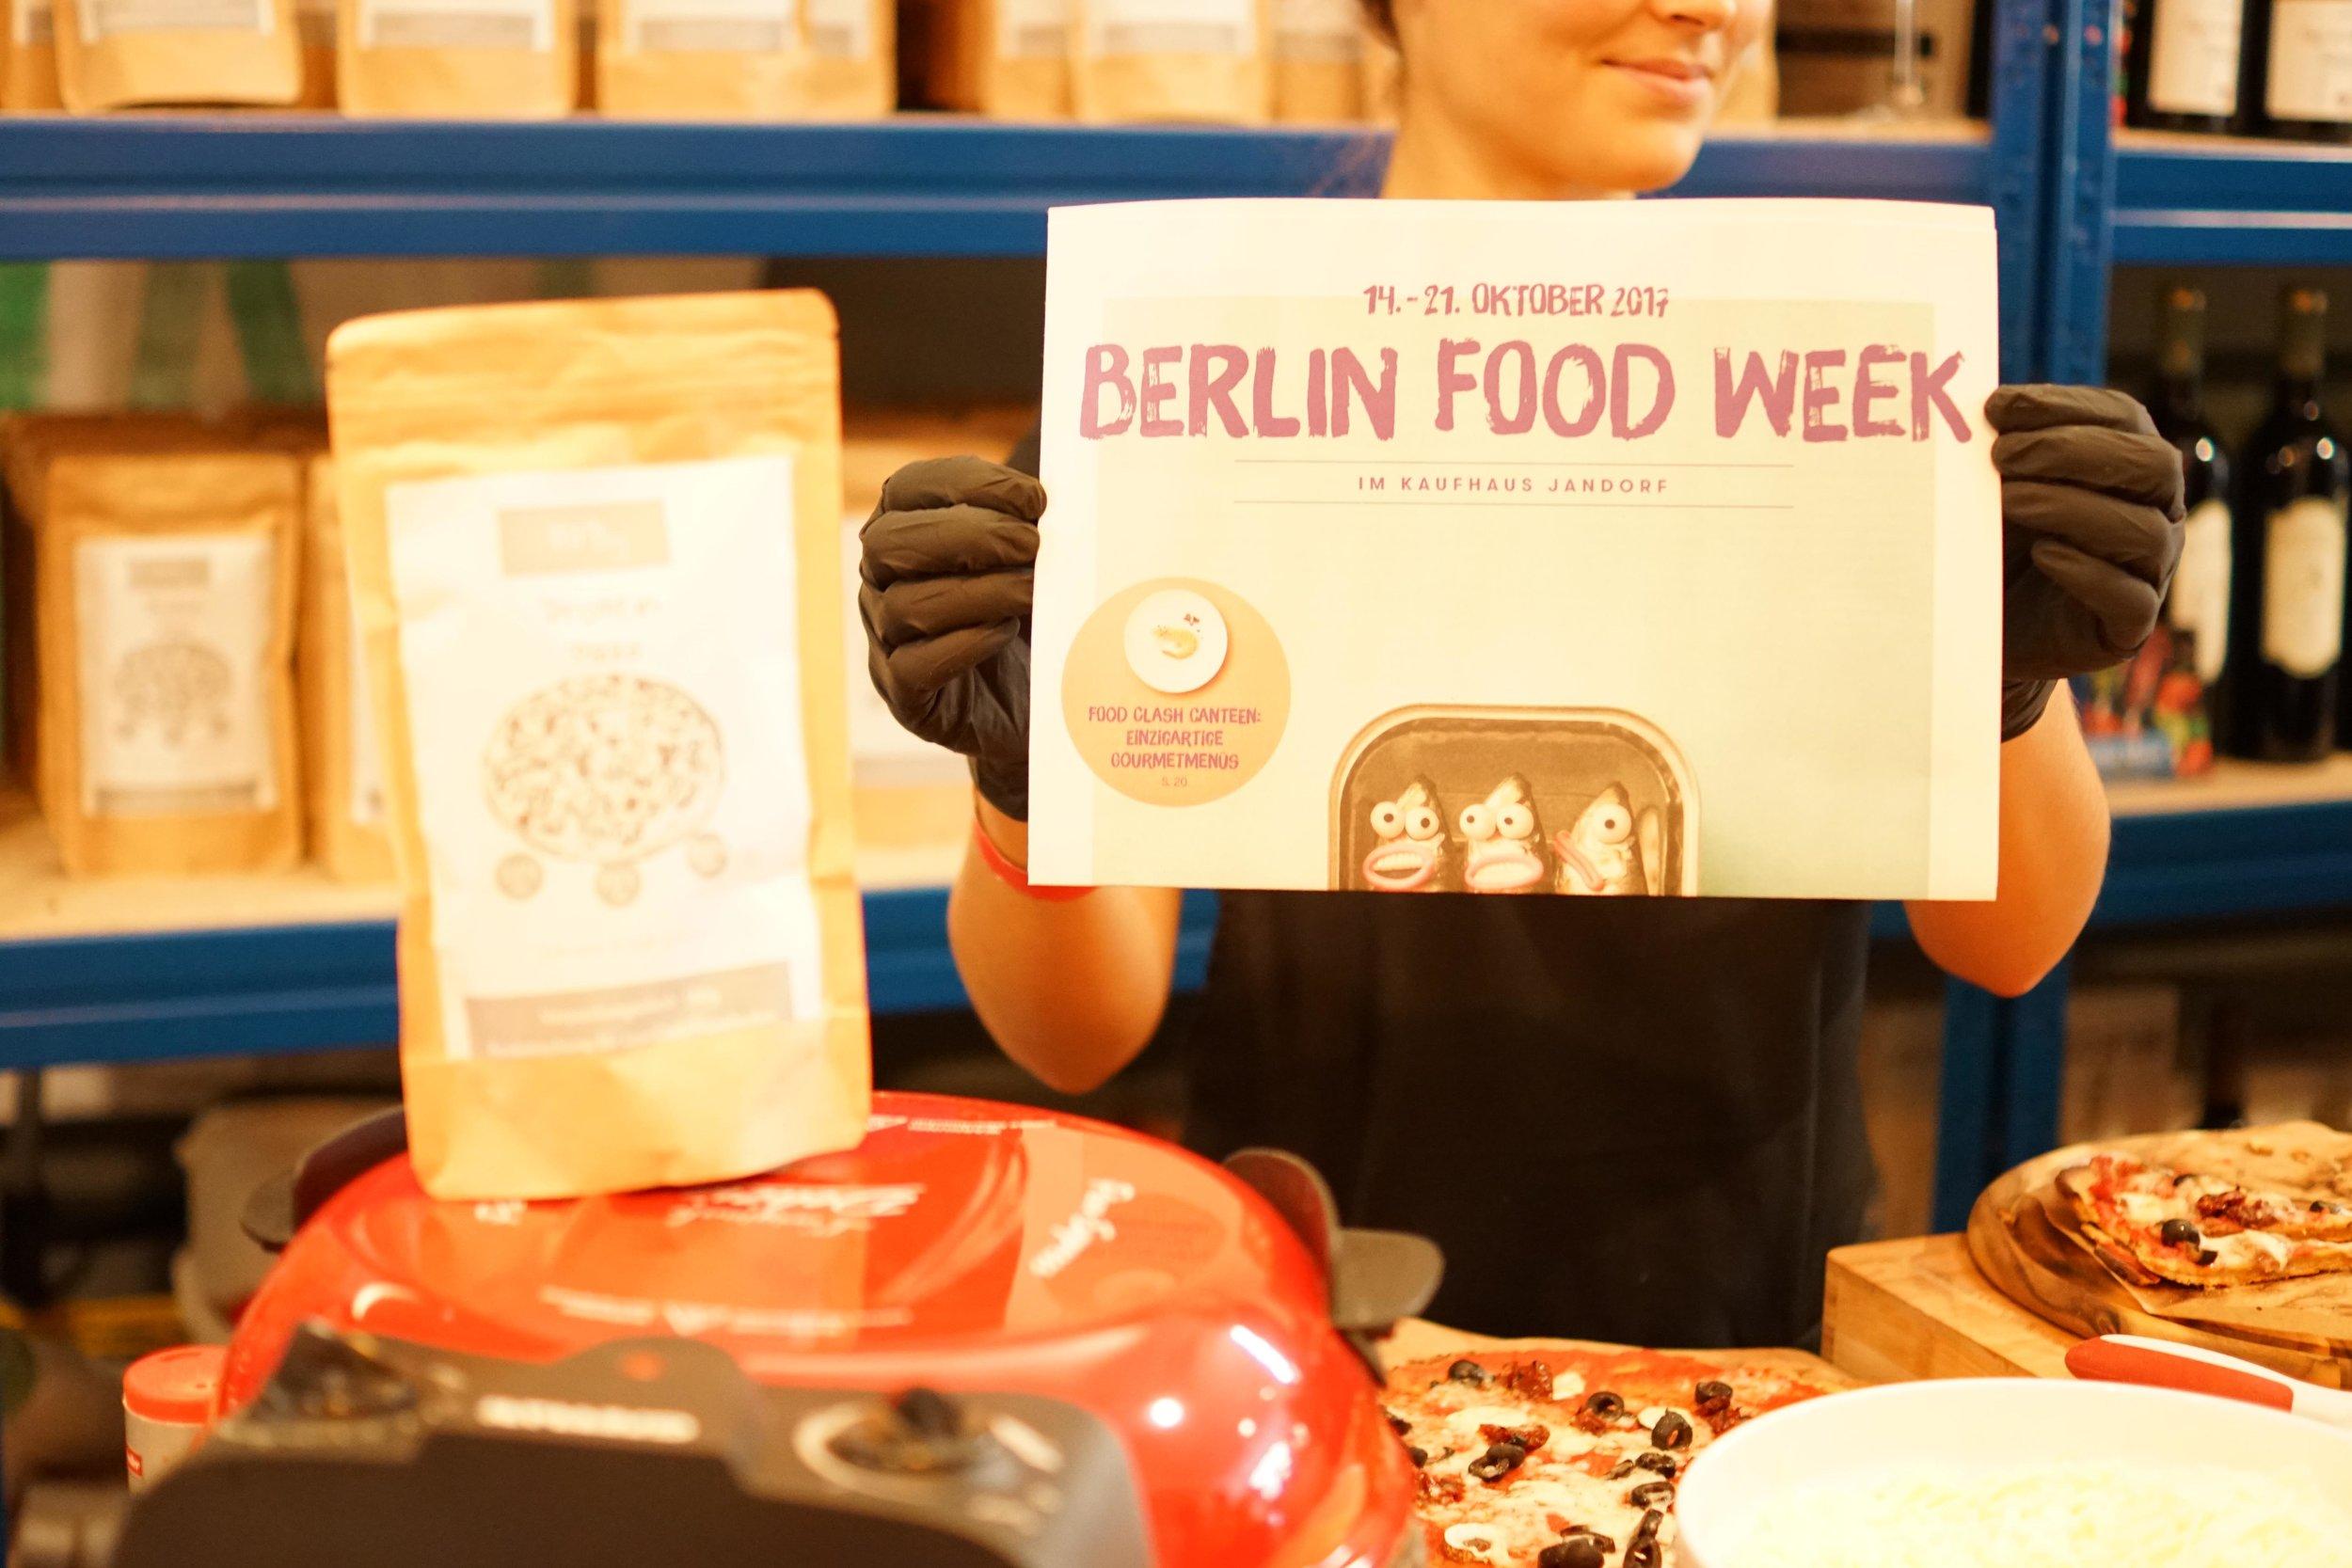 Deutsche Startups - Food und FoodTech Platform Timo from Swarm Protein - Photo Courtesy of Robert Dümcke (Fitby)